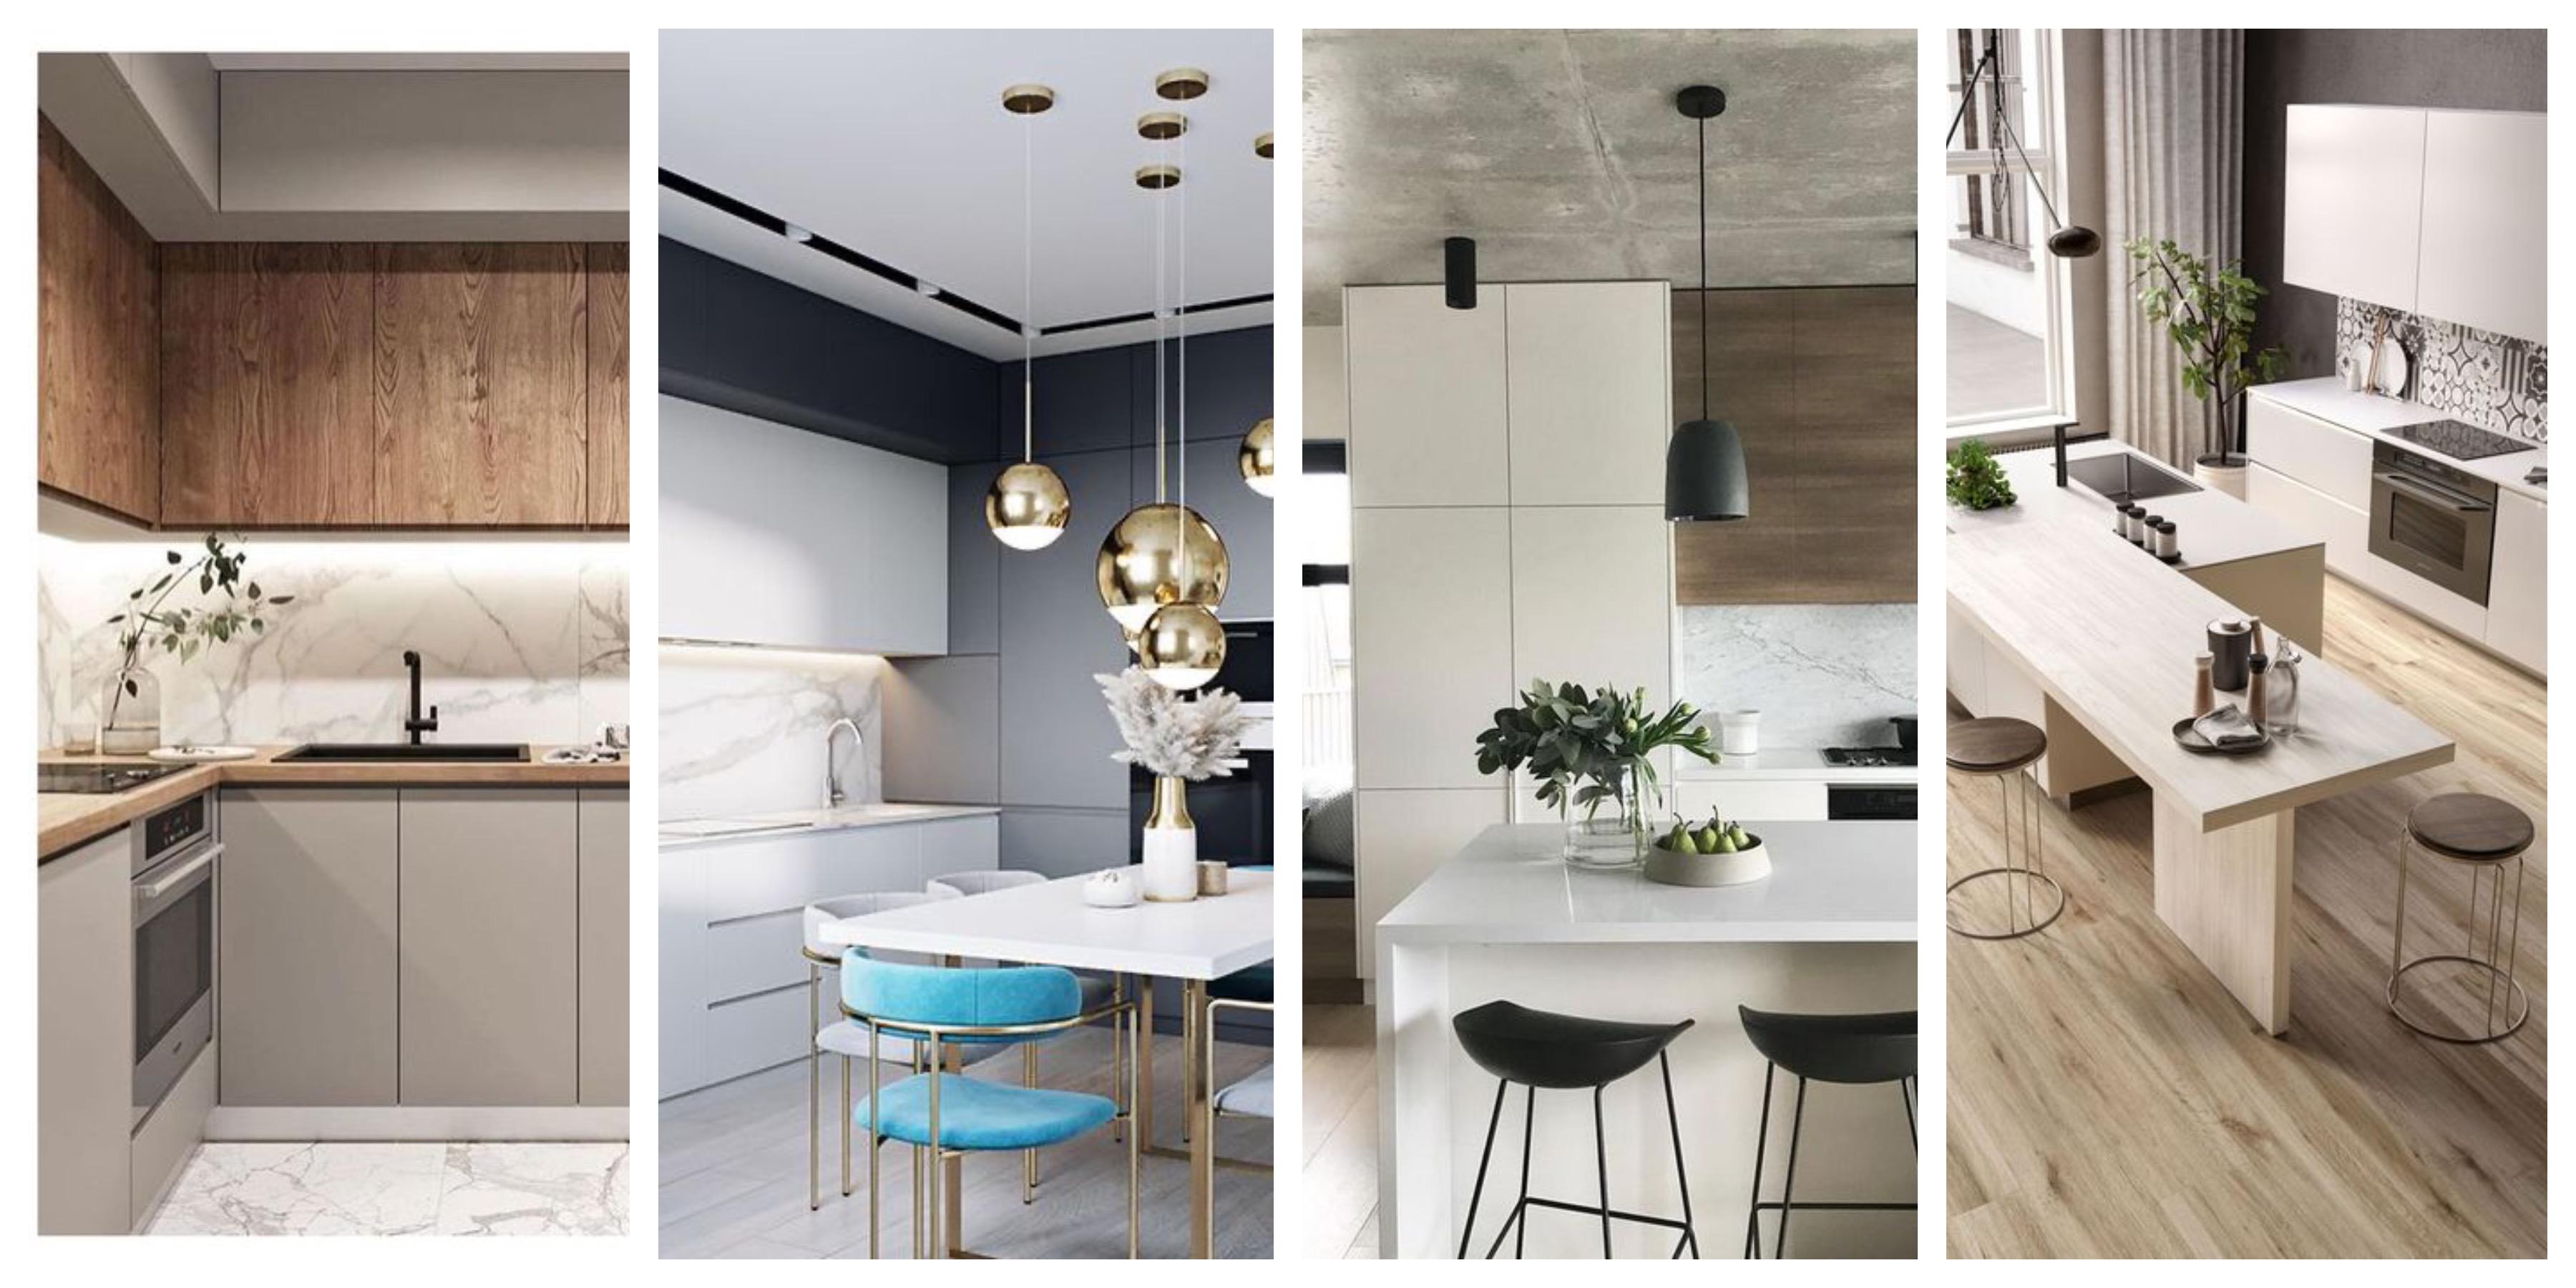 Moderní kuchyně - inspirace, fotogalerie